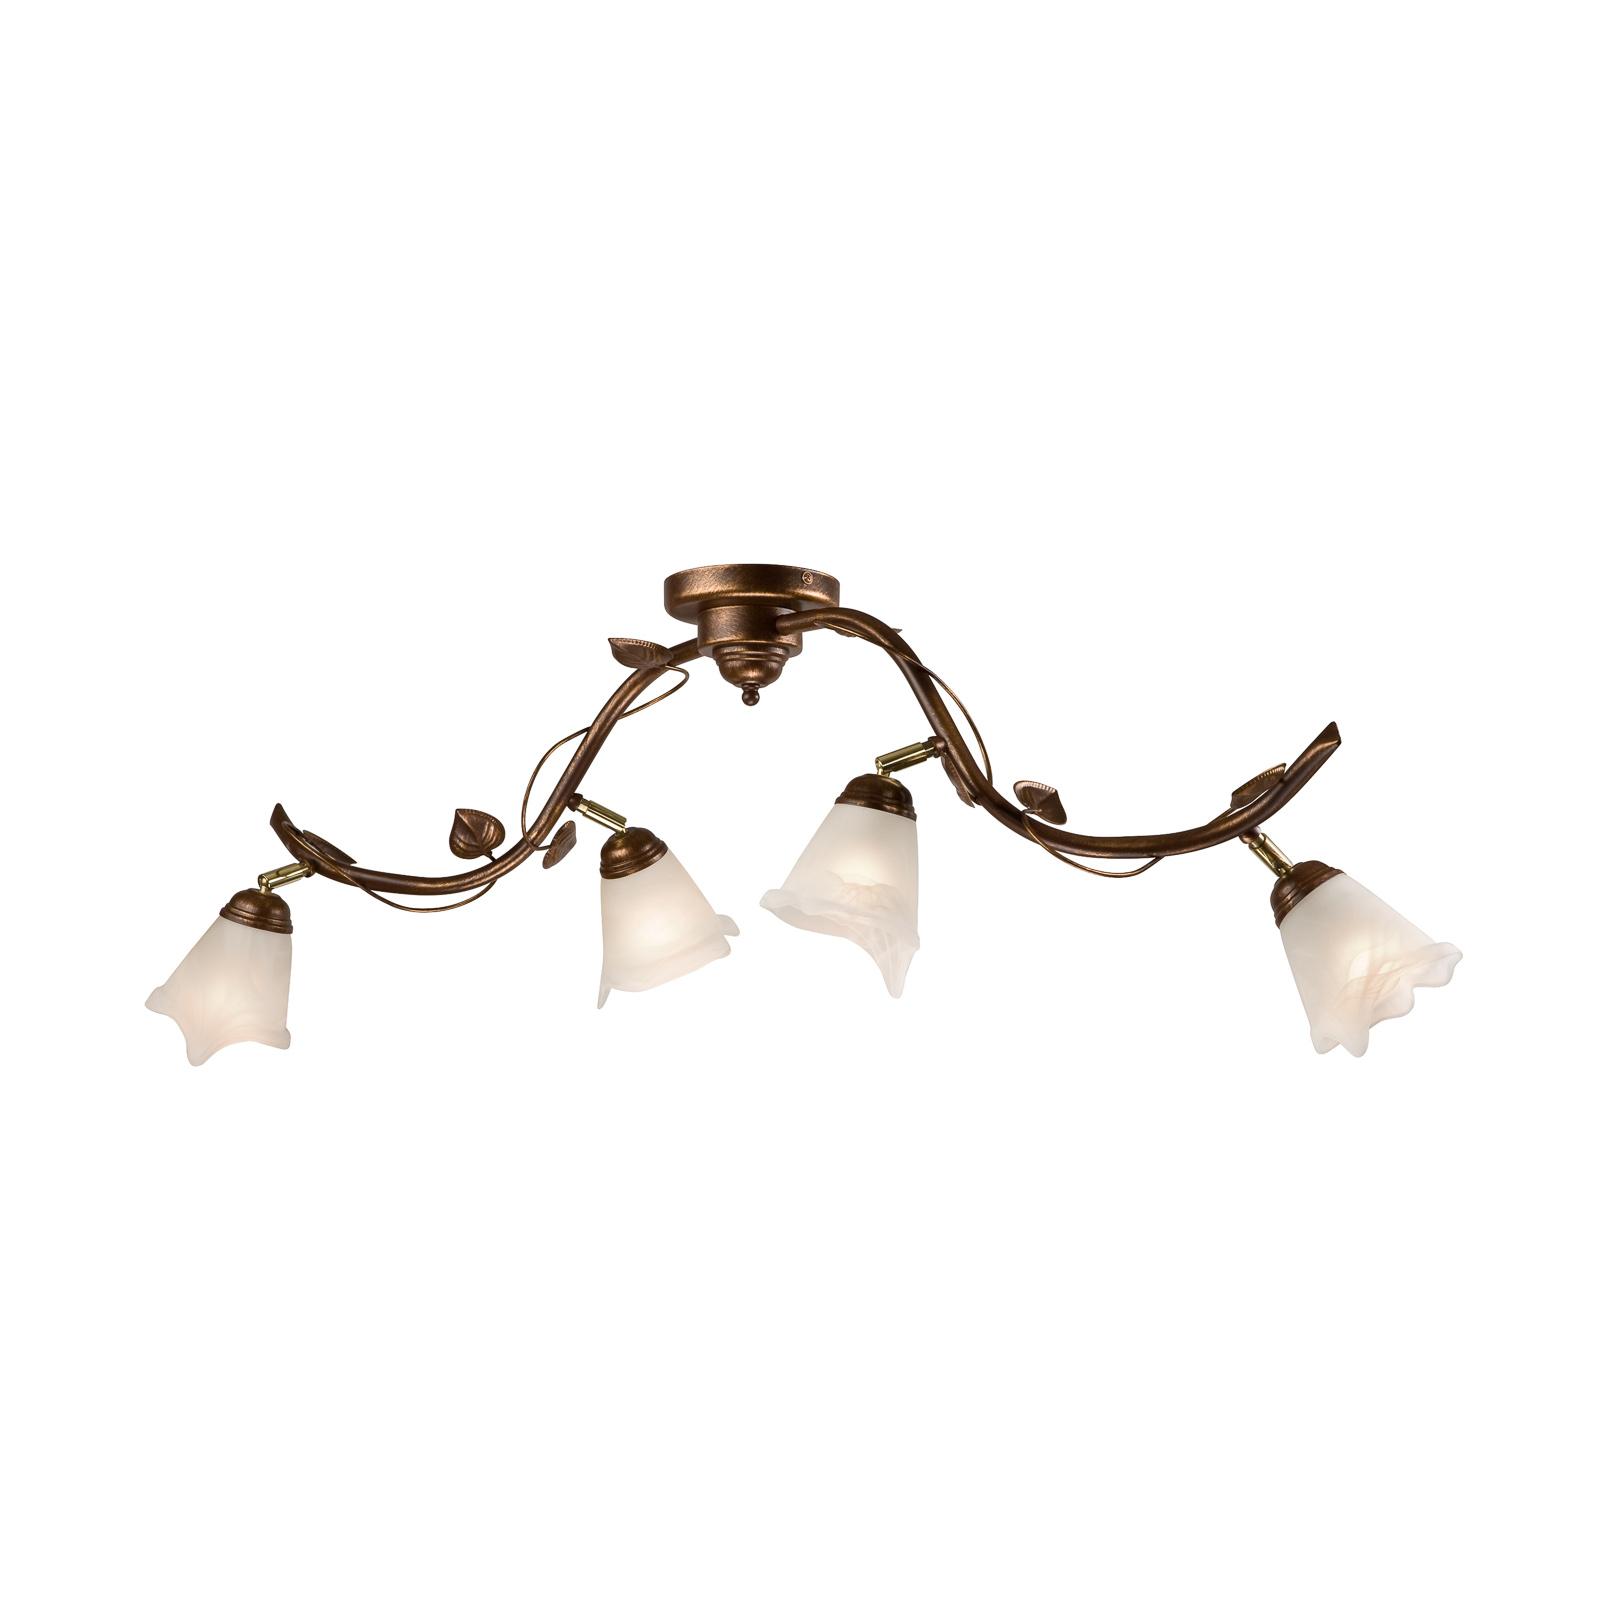 Siena taklampe florentiner-stil buet 4 lk